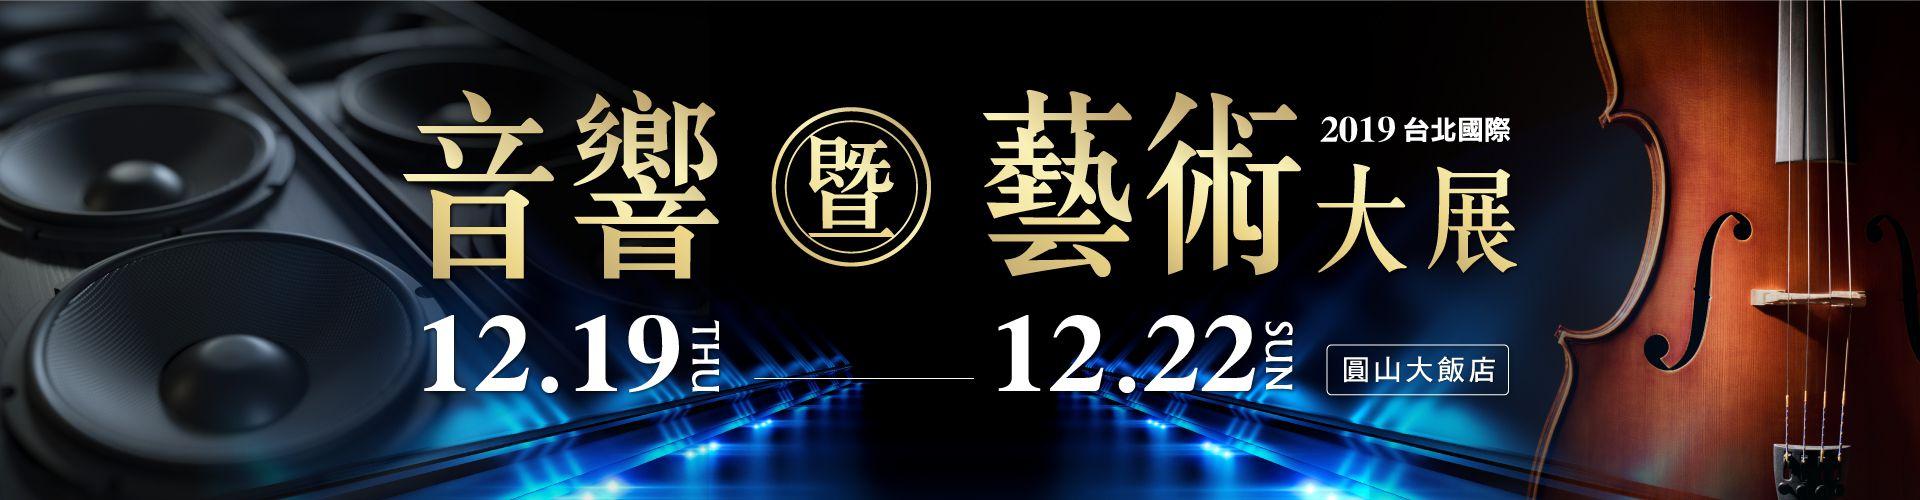 2019台北國際音響暨藝術大展